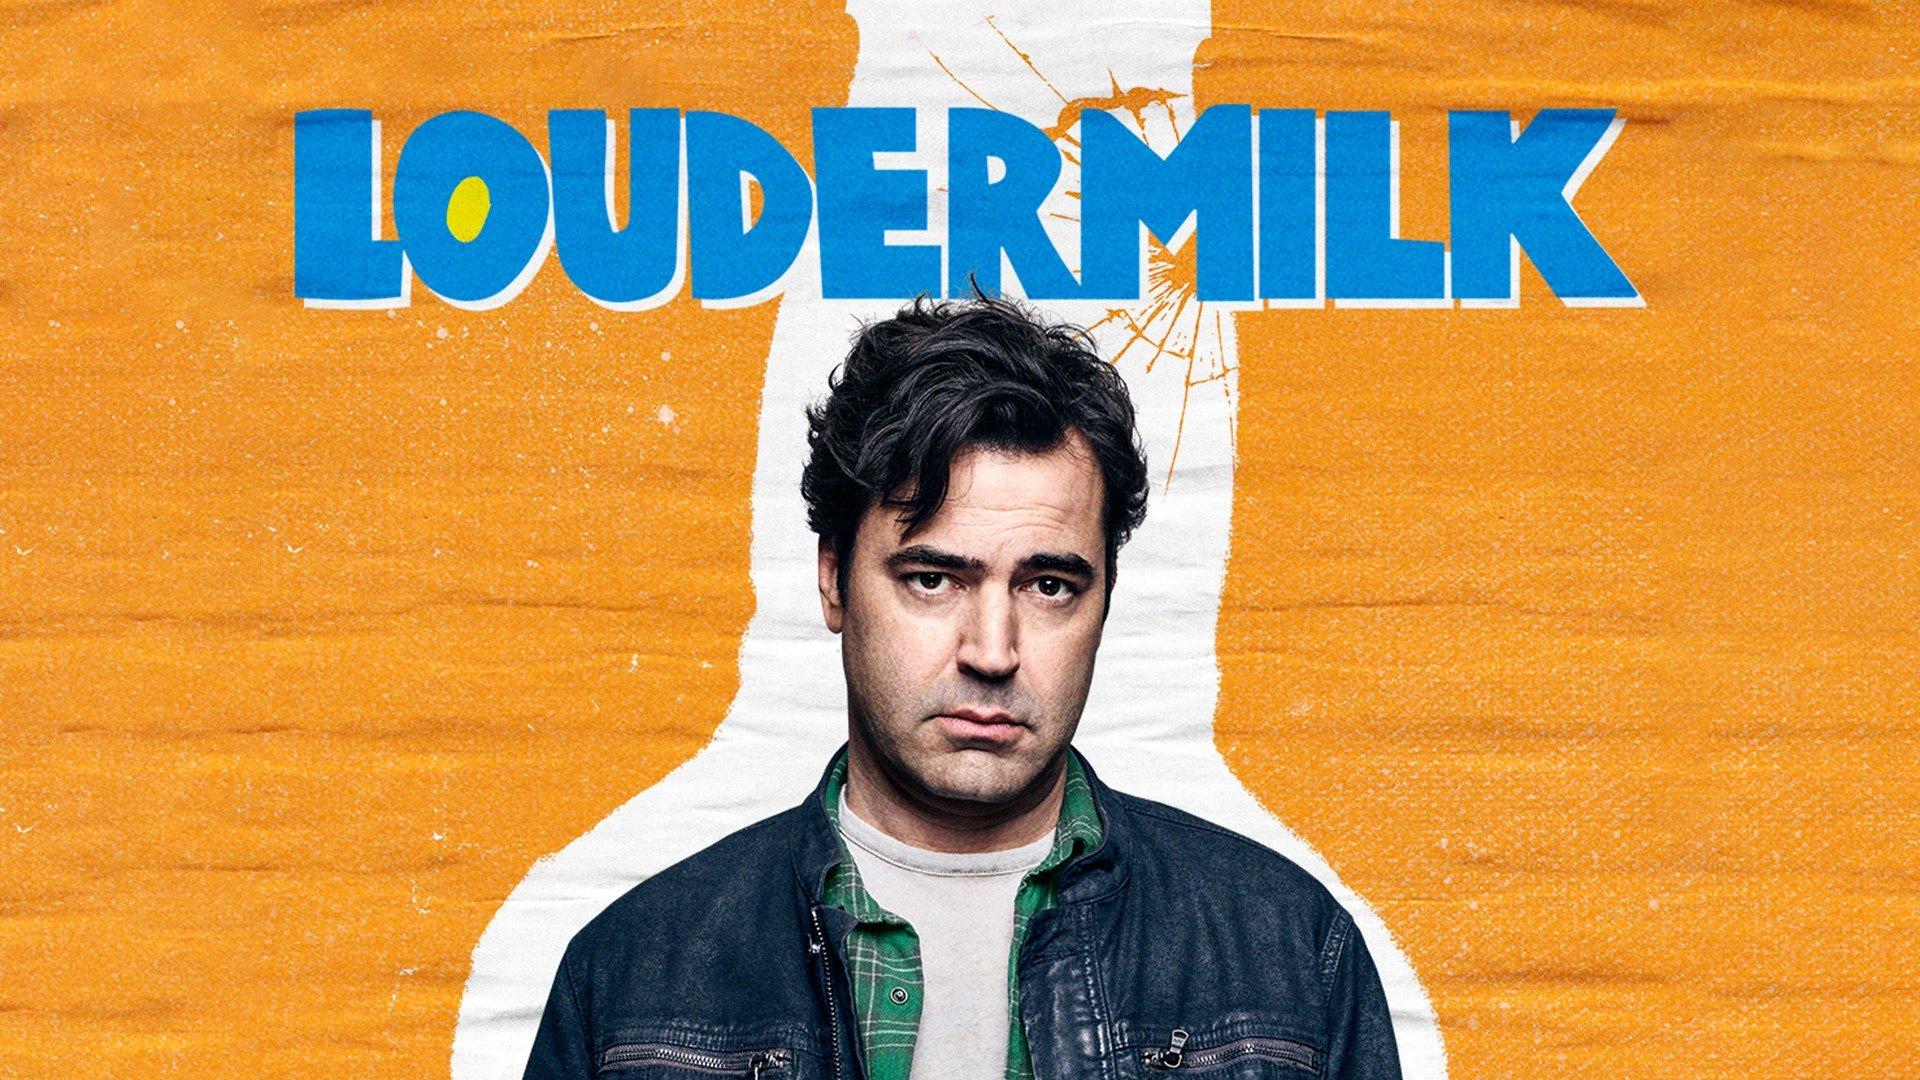 loudermilk season 1 episode 10 watch online